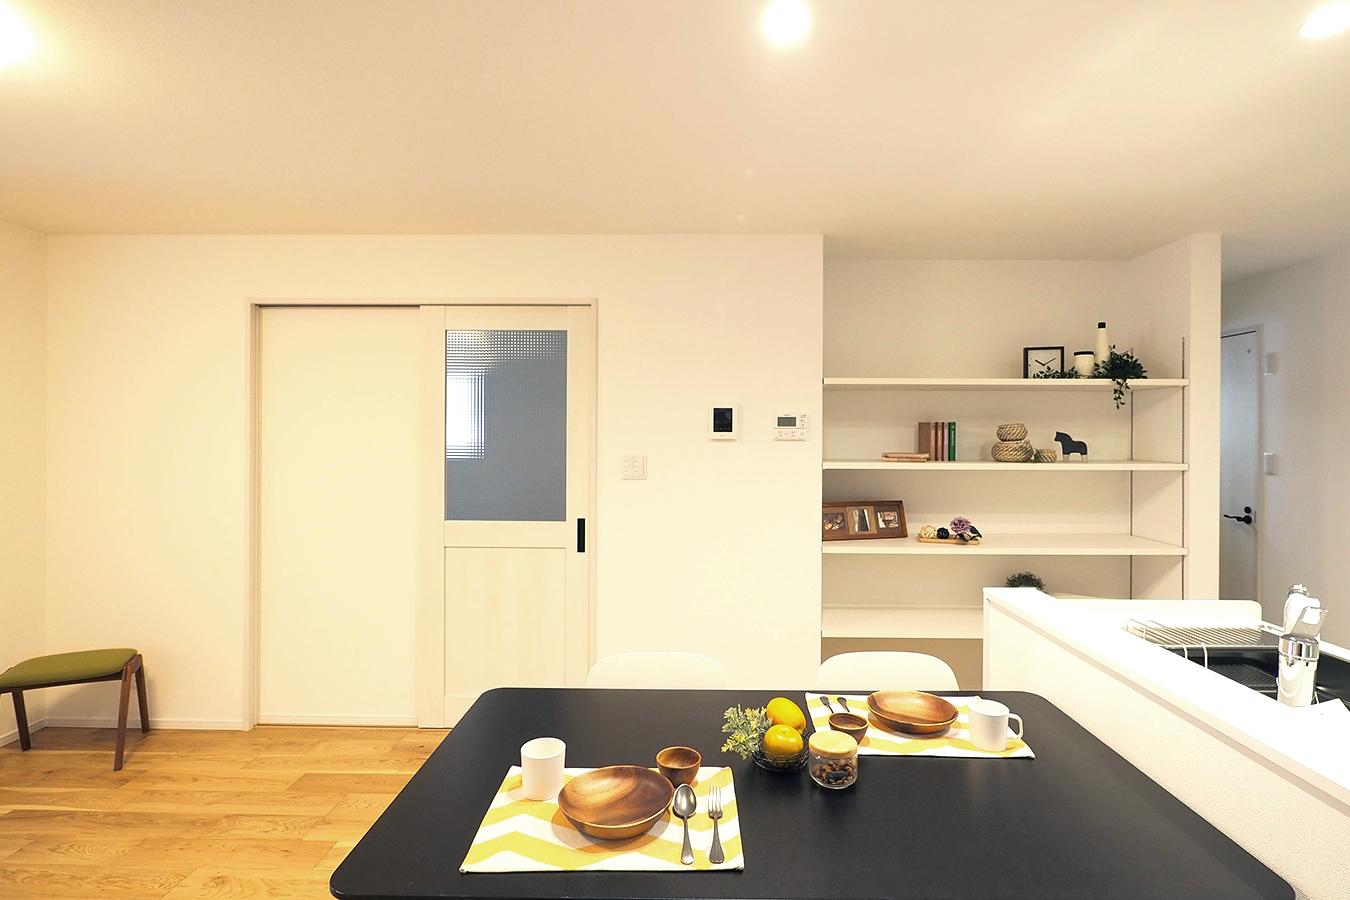 ニコニコ住宅 狭小住宅 コンパクト住宅 収納 たっぷり 広々暮らす